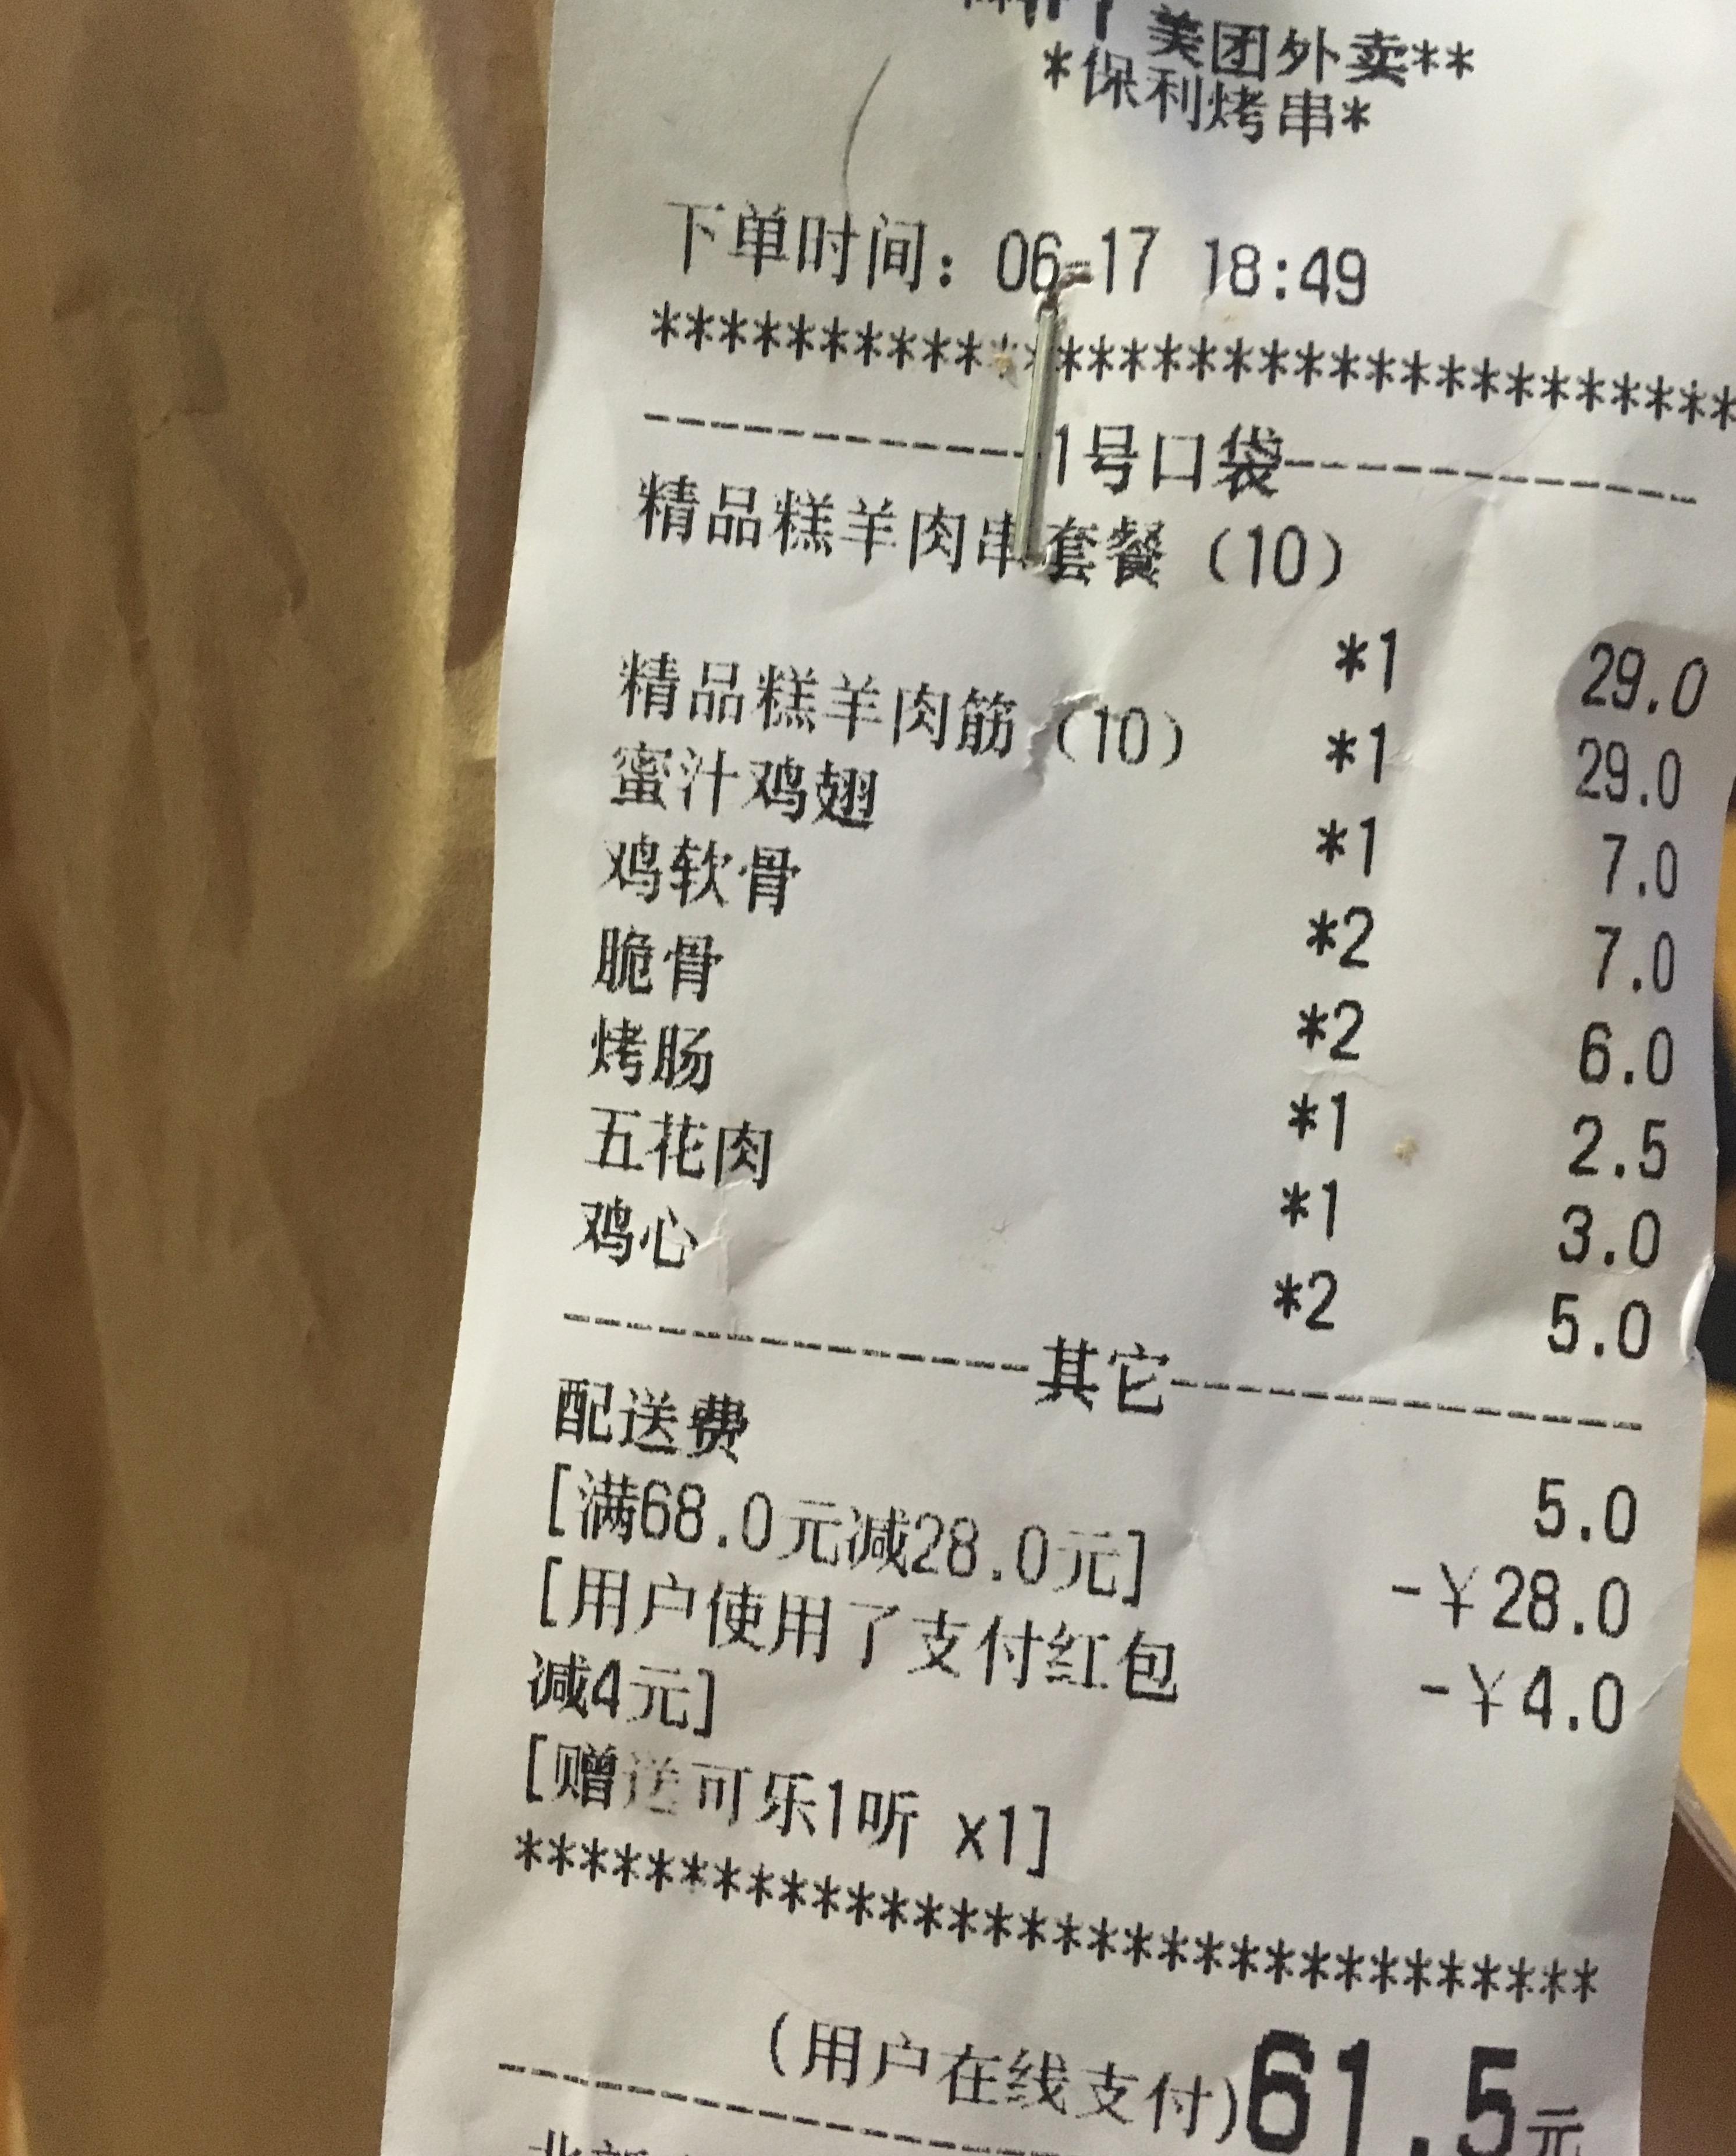 保利烤串レシート